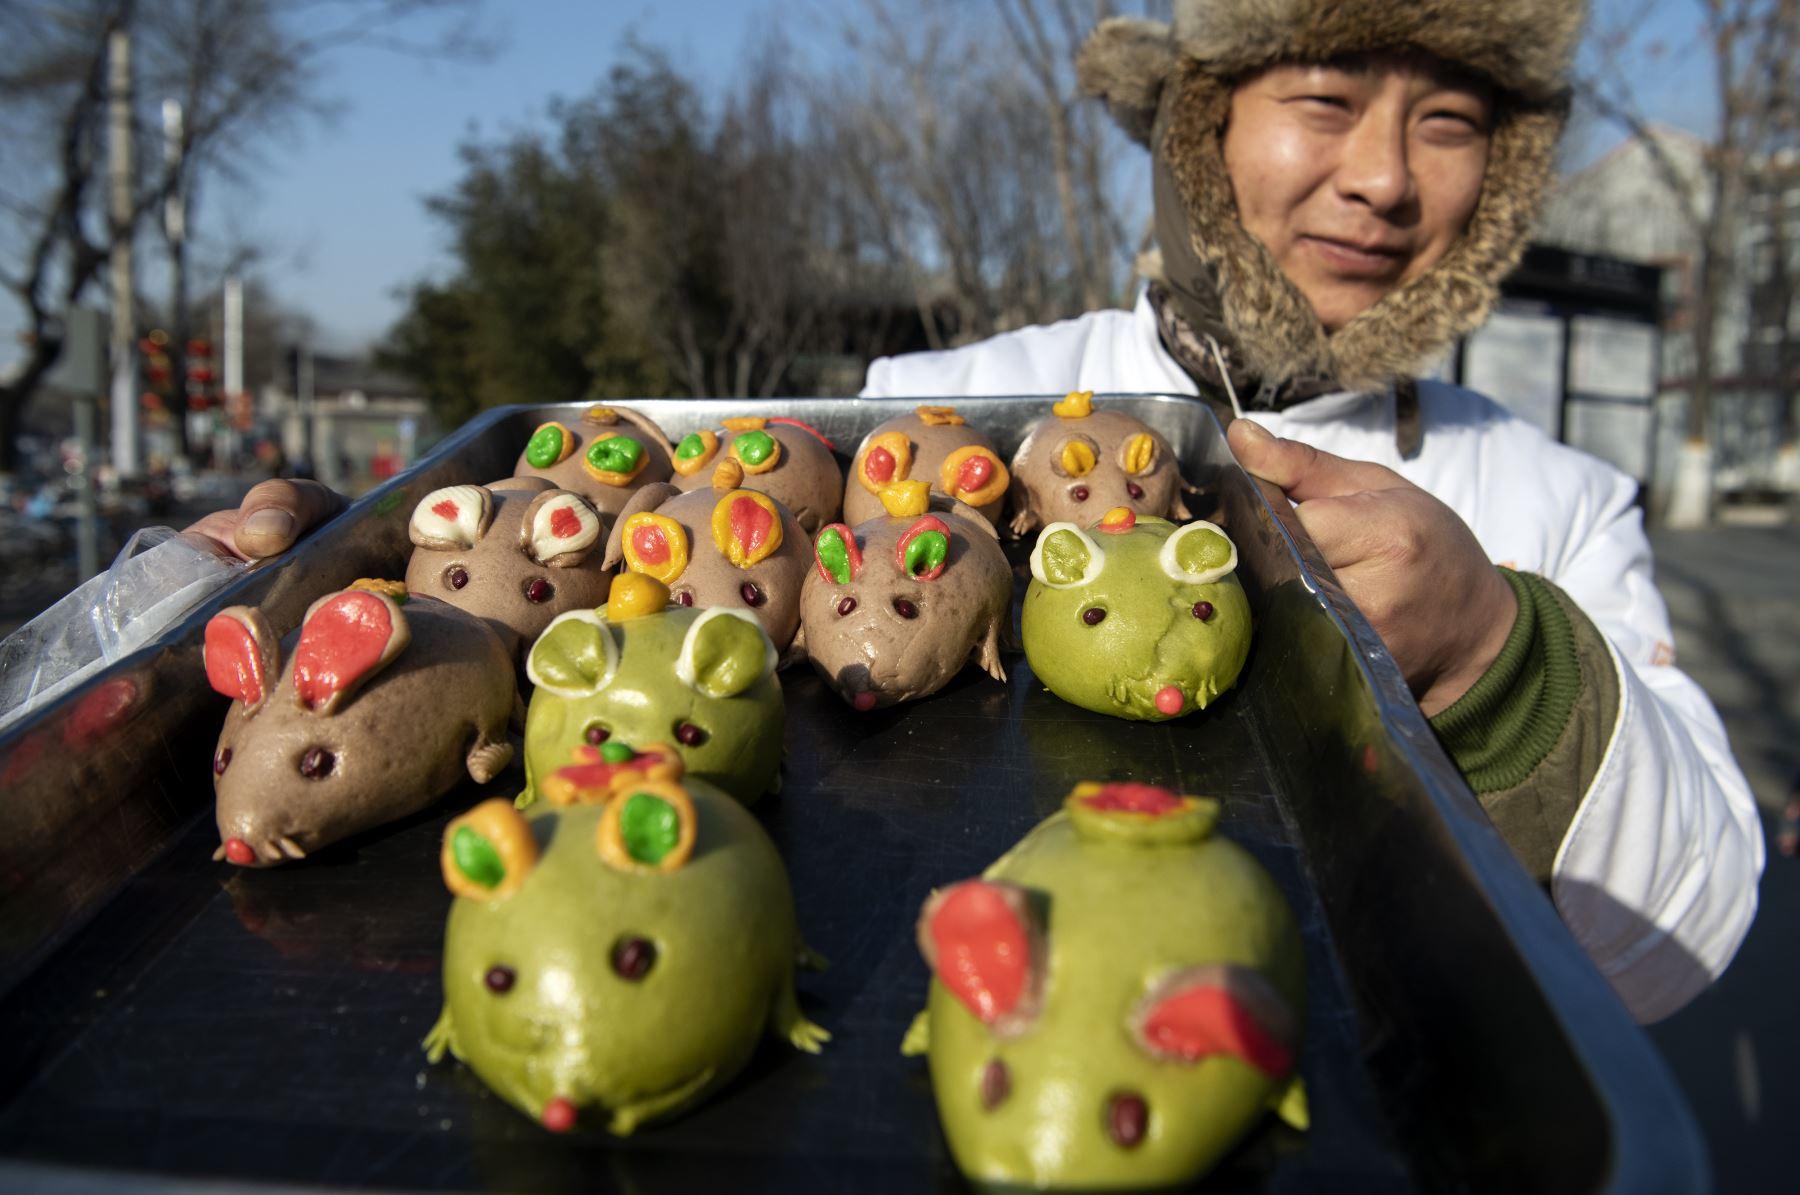 Un vendedor muestra pan en forma de rata a lo largo de una calle en Beijing, antes del Año Nuevo Lunar de la Rata. Foto: AFP